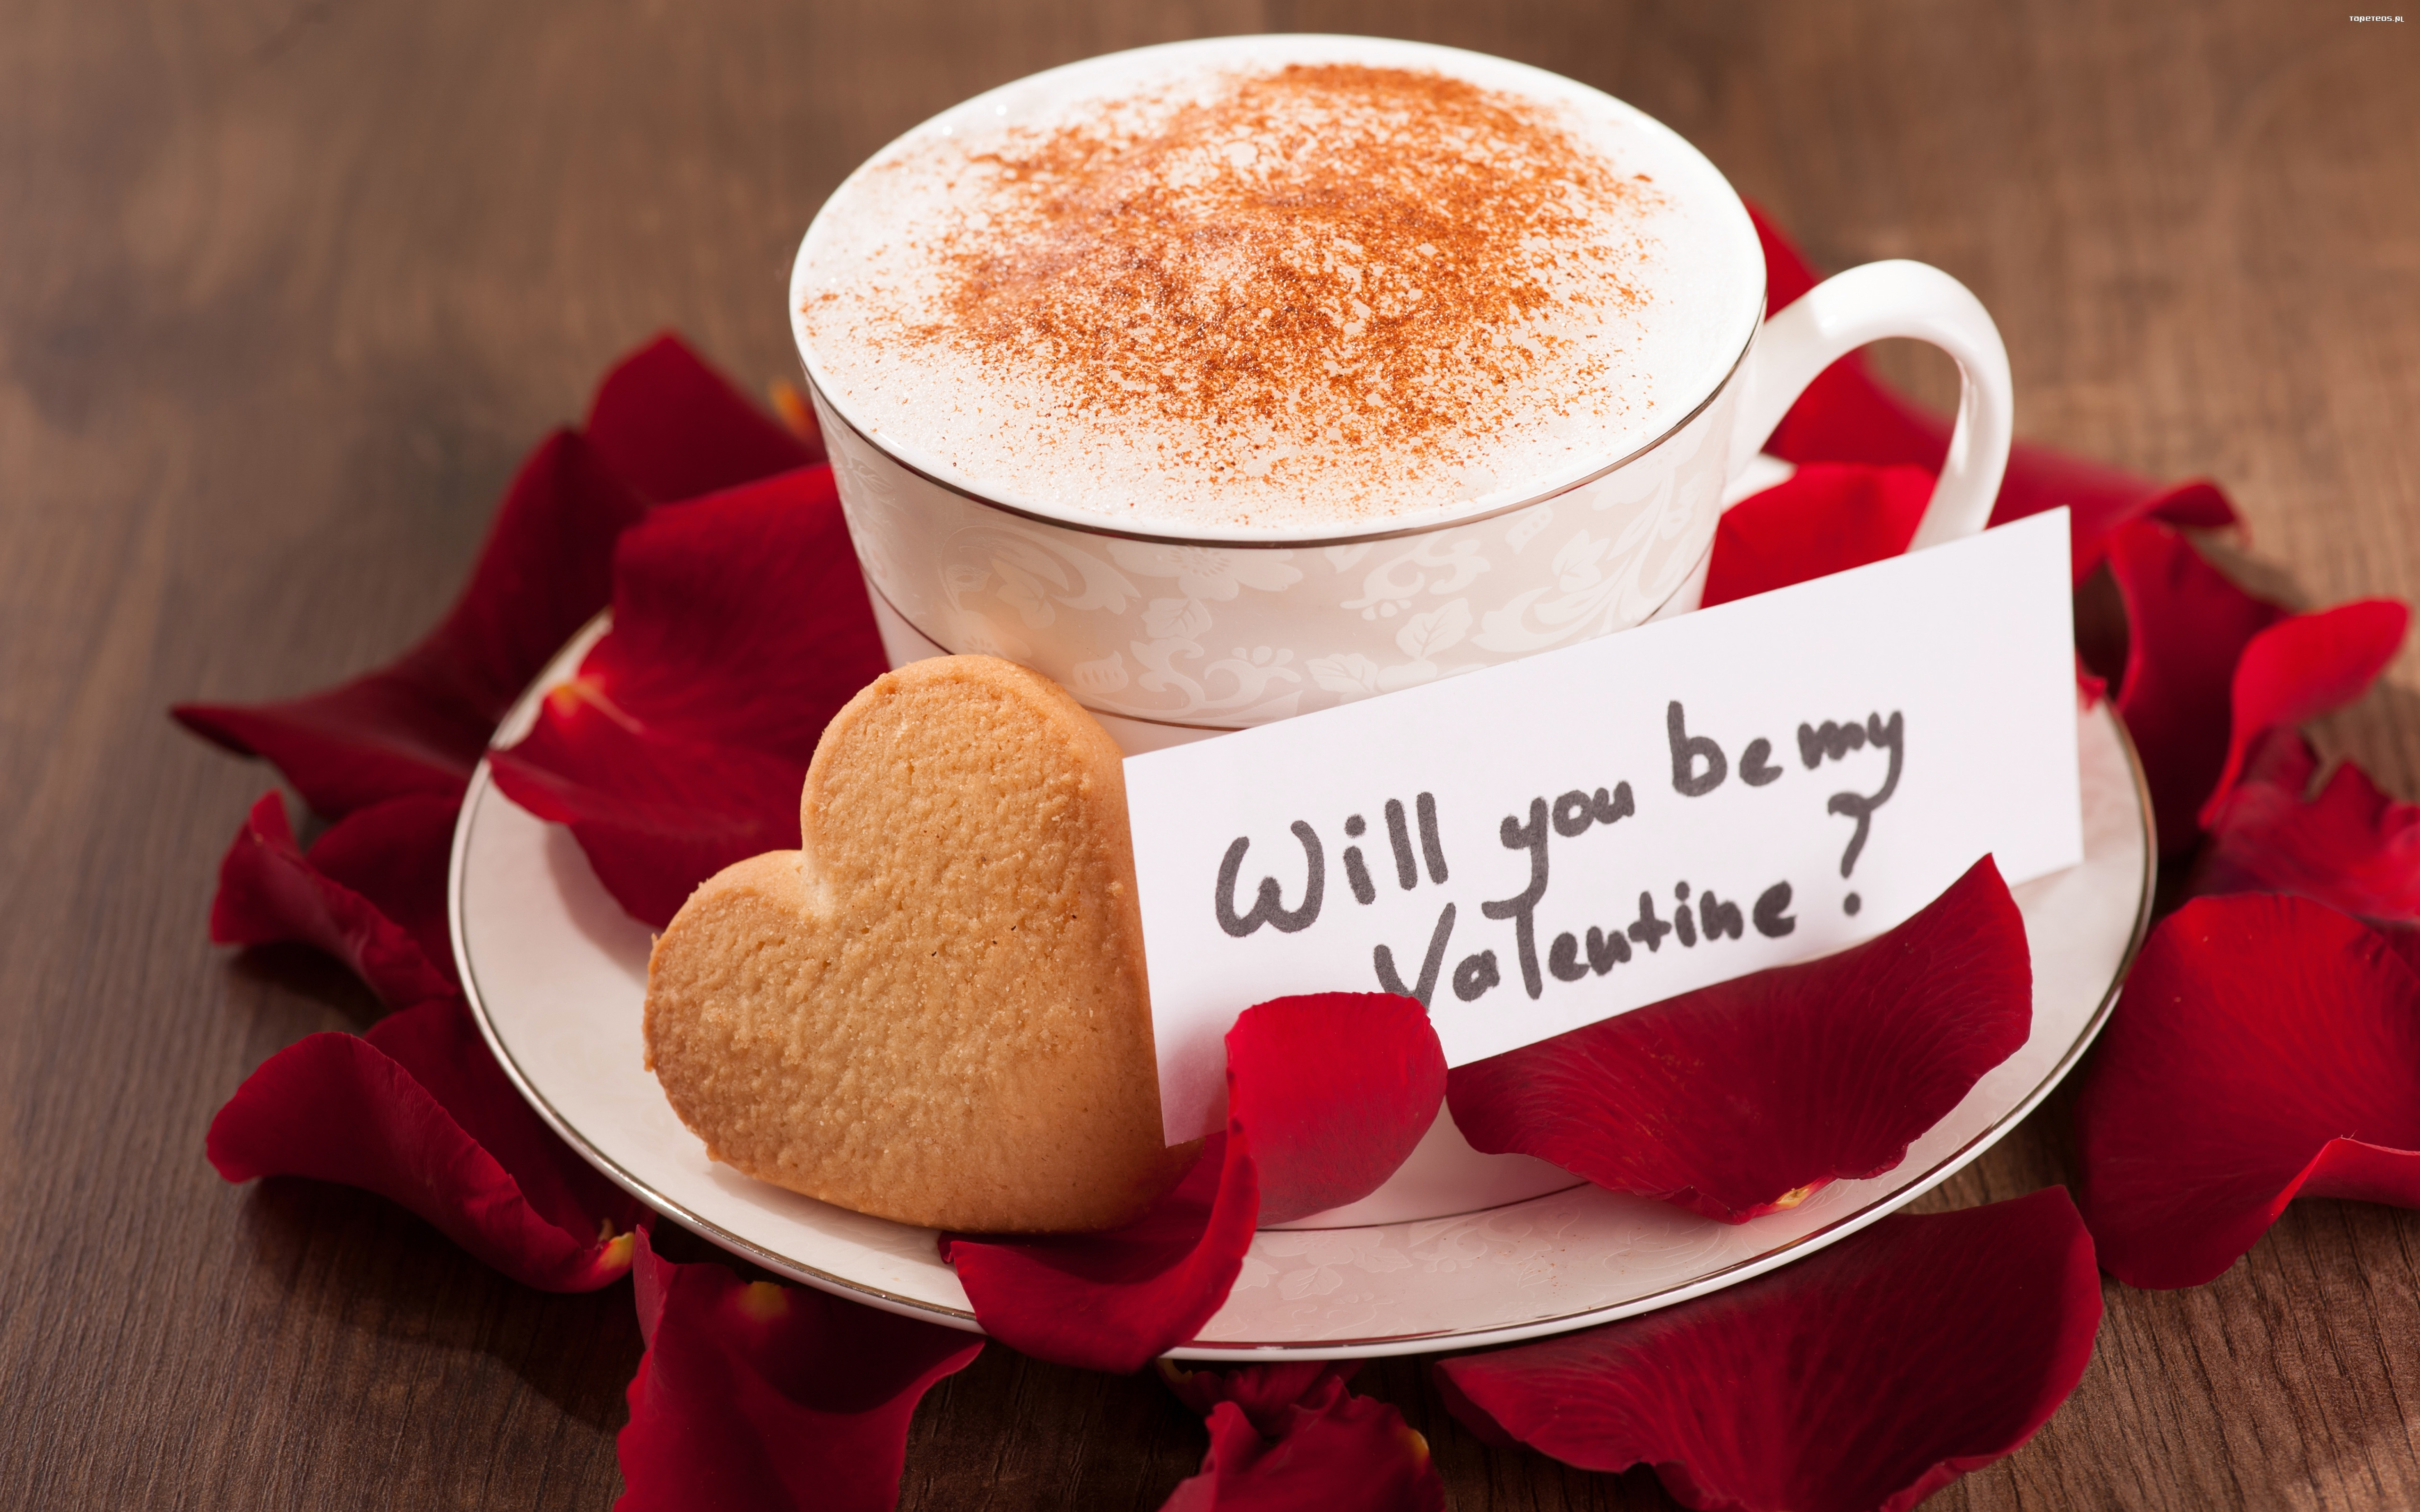 Walentynki milosc 5120x3200 001 kawa ciastko serduszko platki roz tapety na pulpit - Bilder cappuccino ...